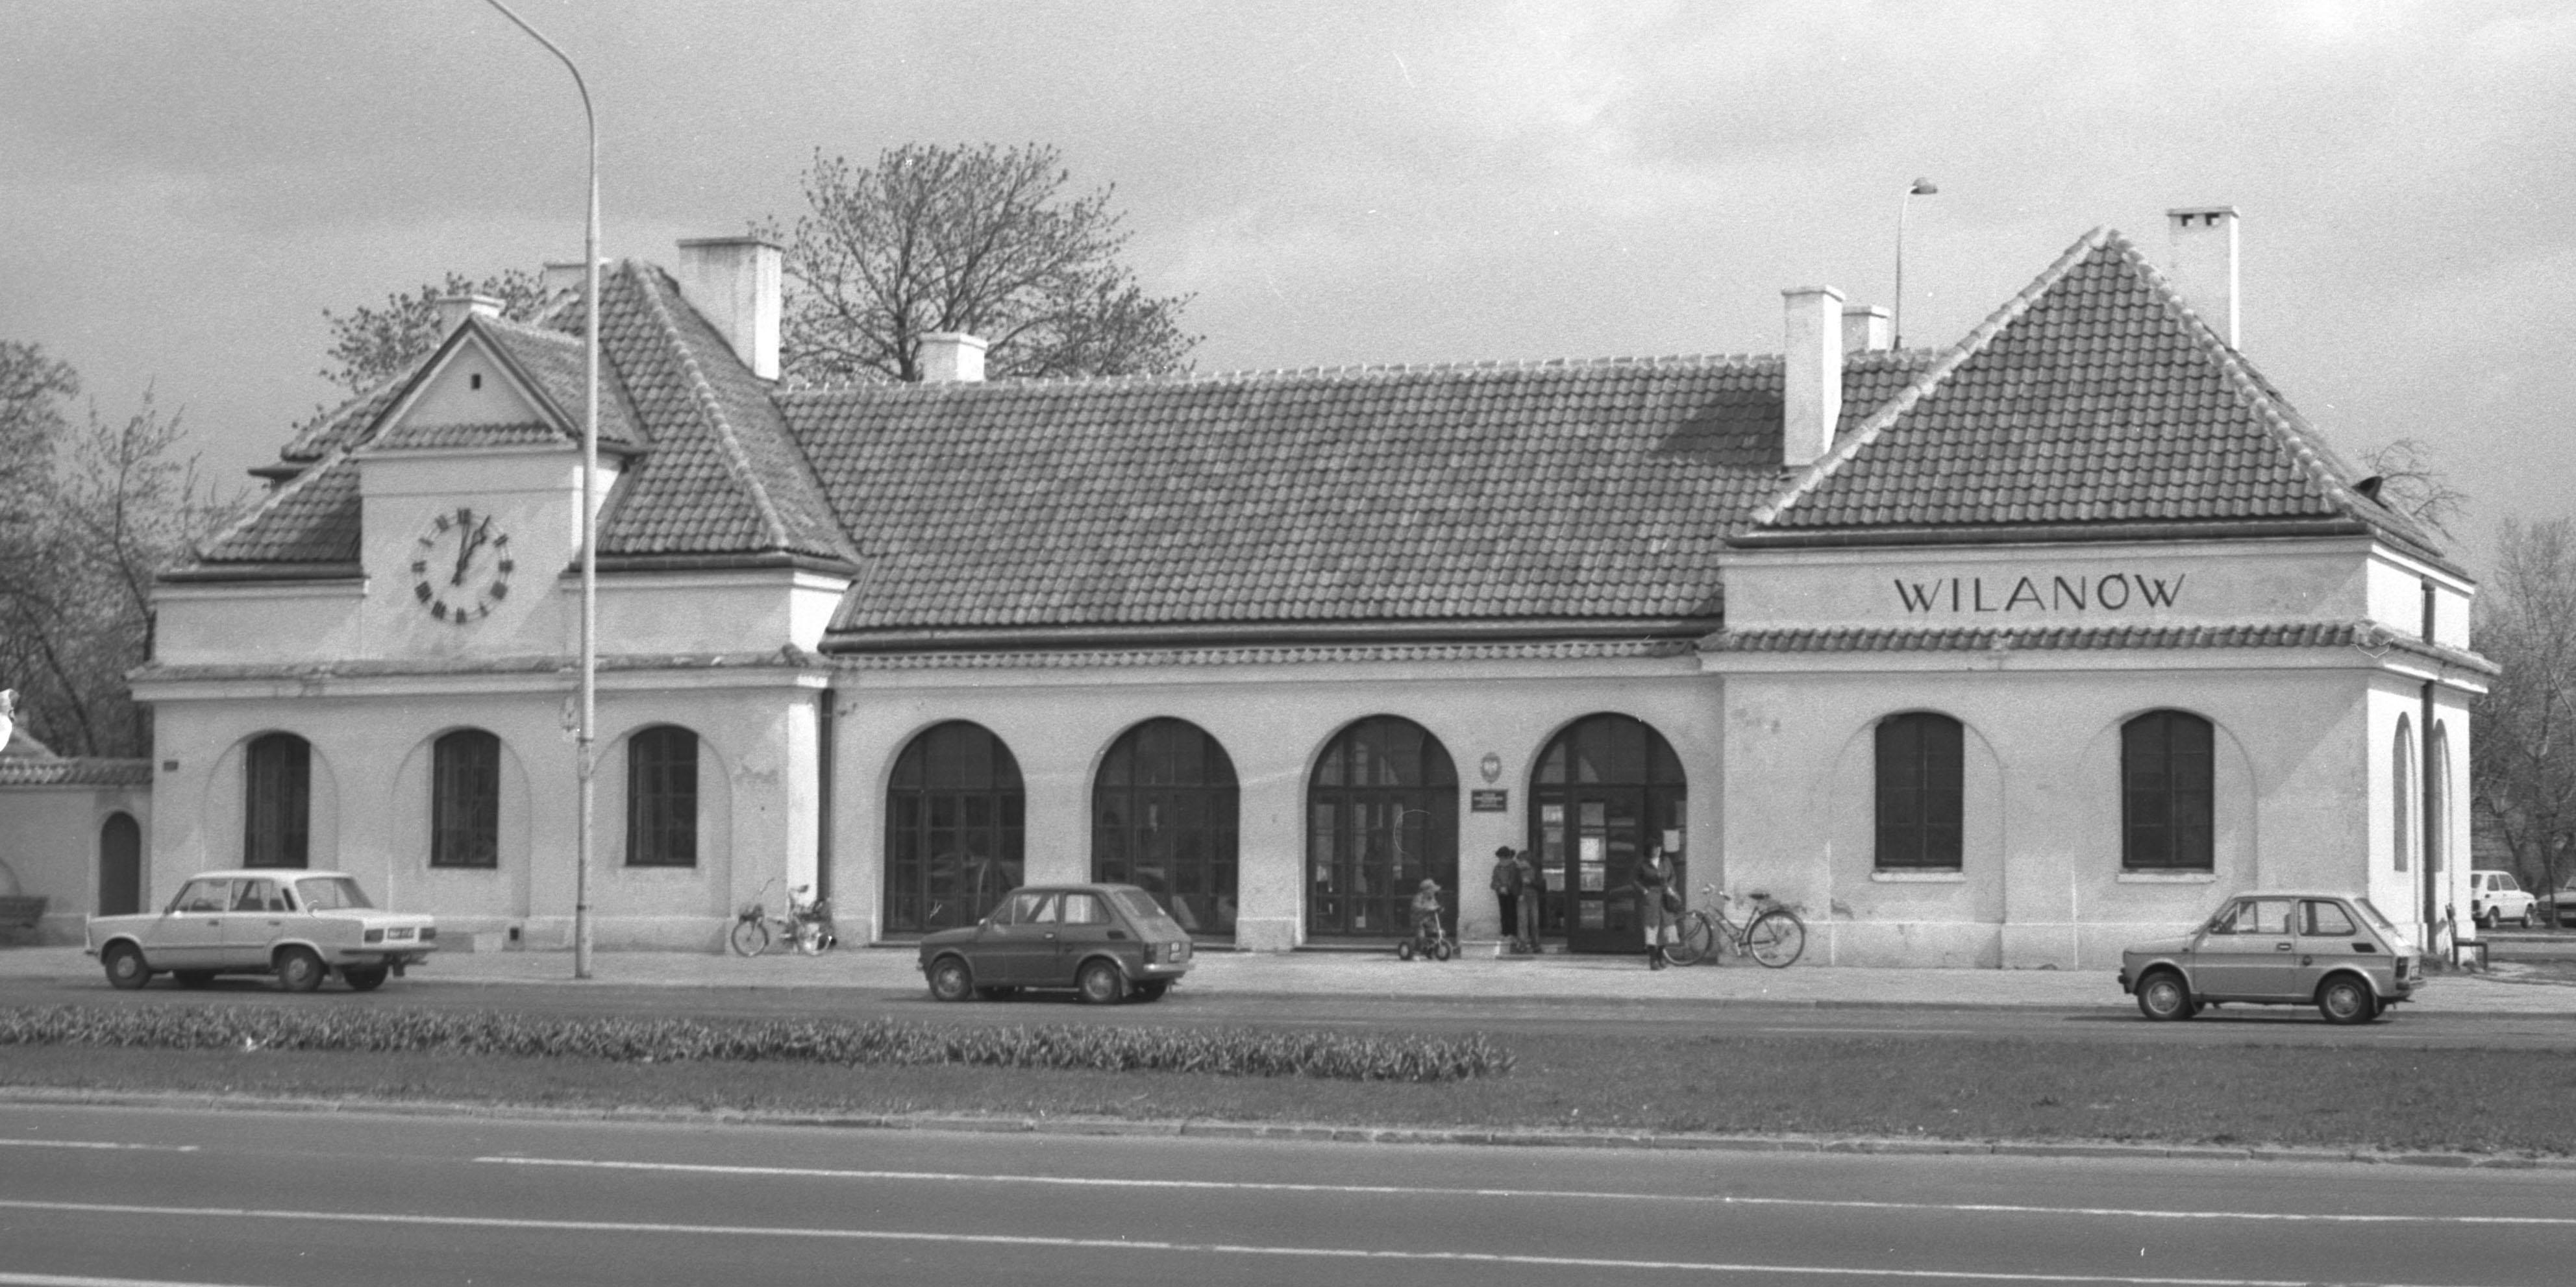 Budynek stacji kolejki wilanowskiej w Wilanowie.jpg